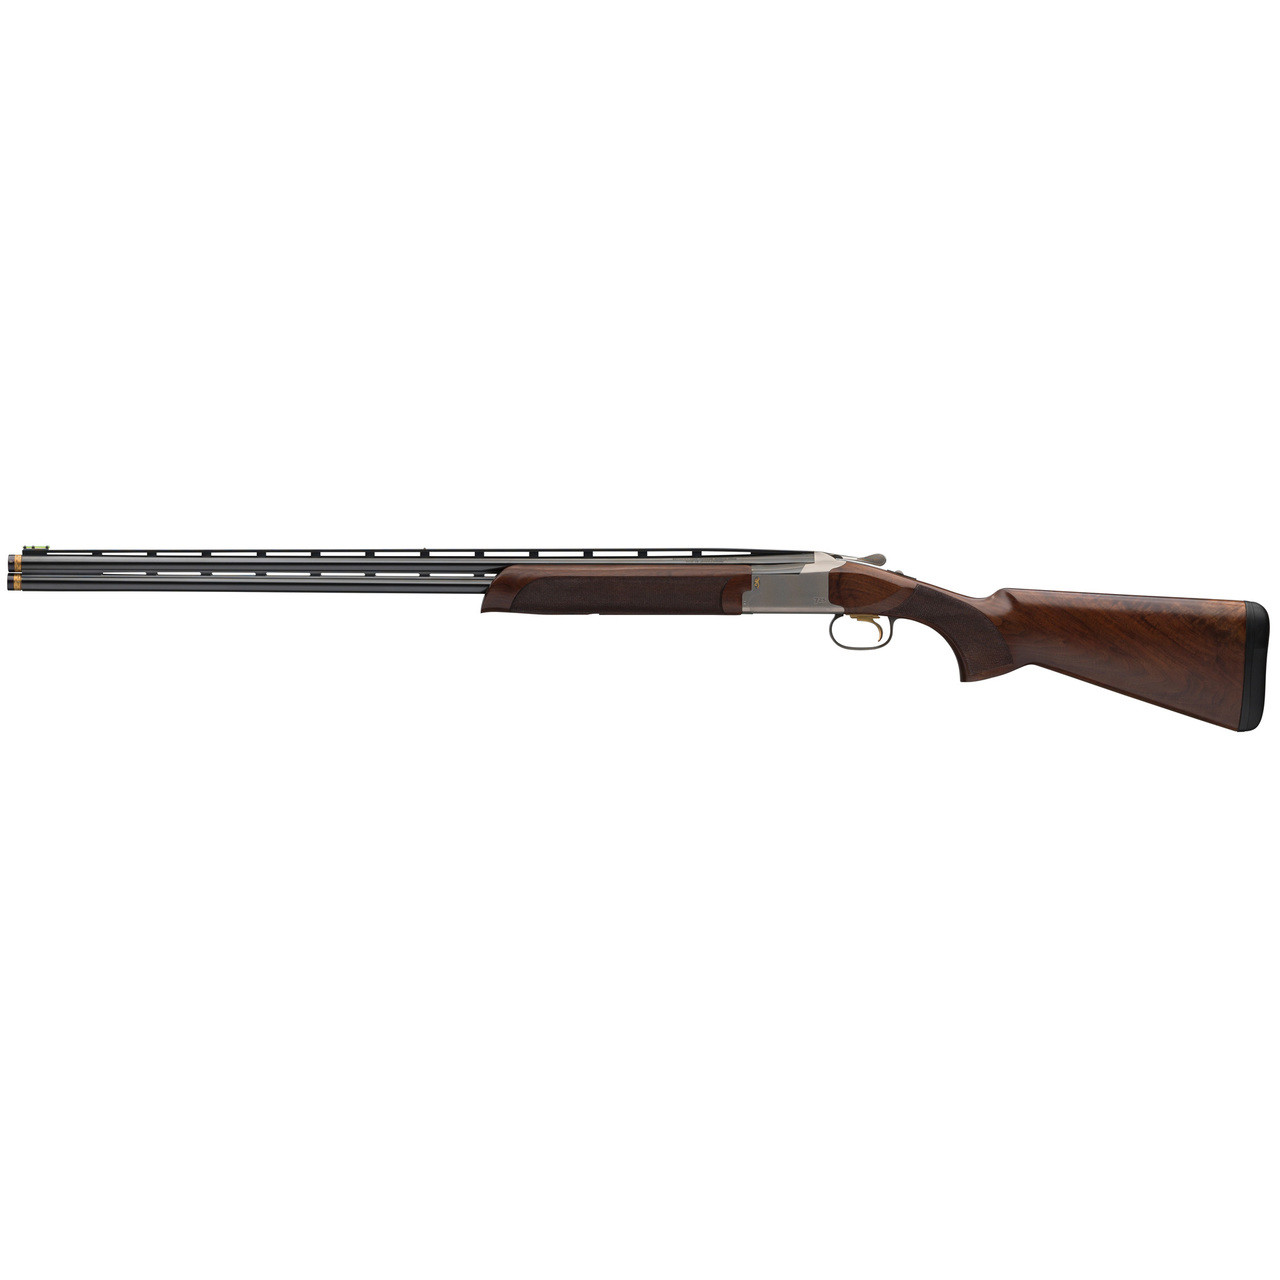 Browning Citori 725, Sporting Shotgun, Over/Under, 12 Gauge, 3